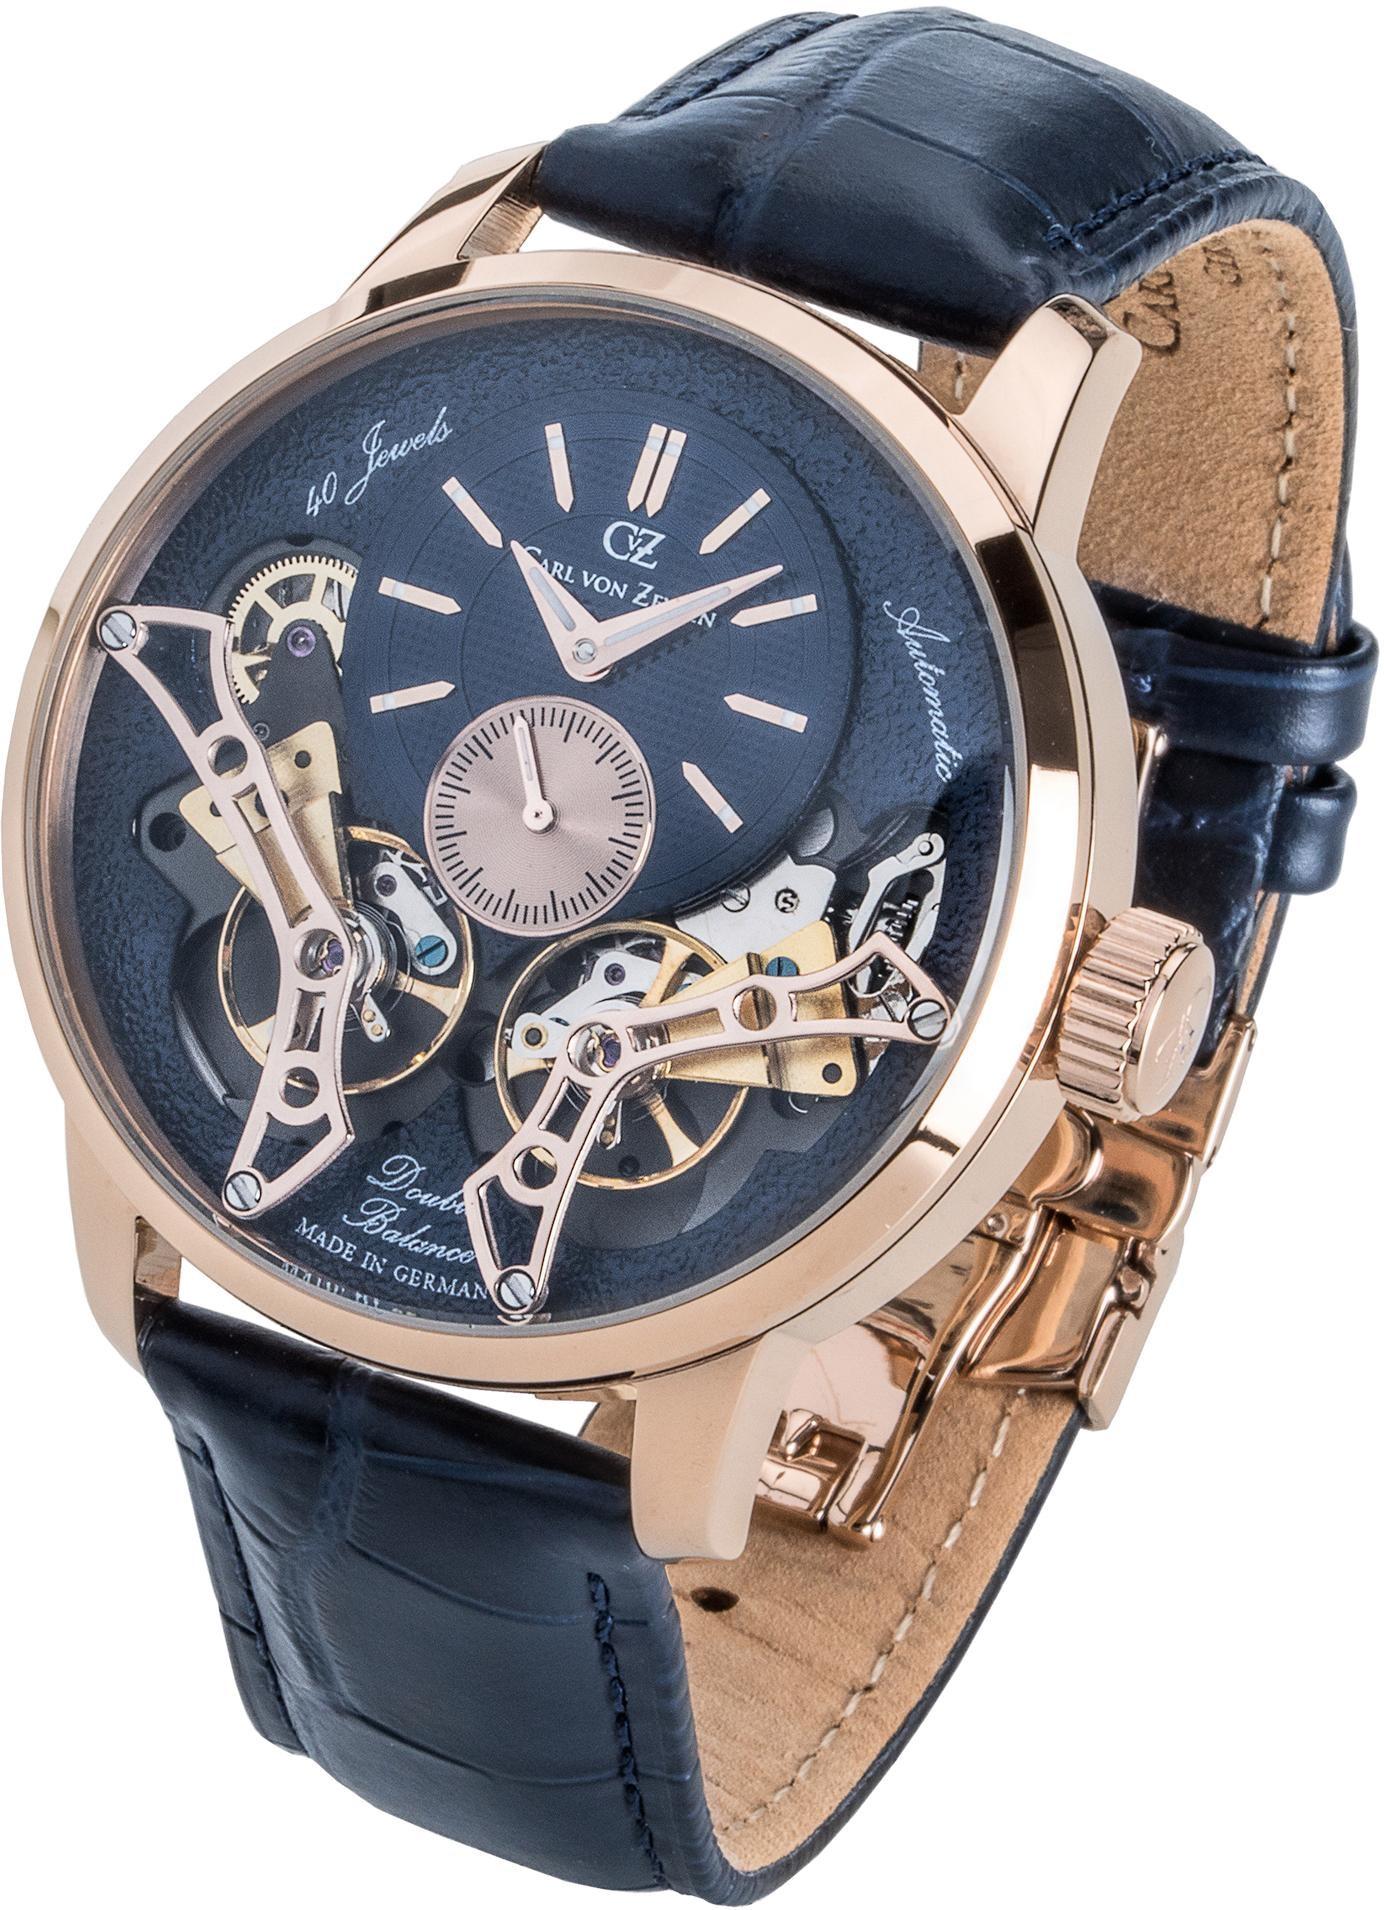 Carl von Zeyten Automatikuhr Oberkirch CVZ0064RBL | Uhren > Automatikuhren | Blau | Carl Von Zeyten